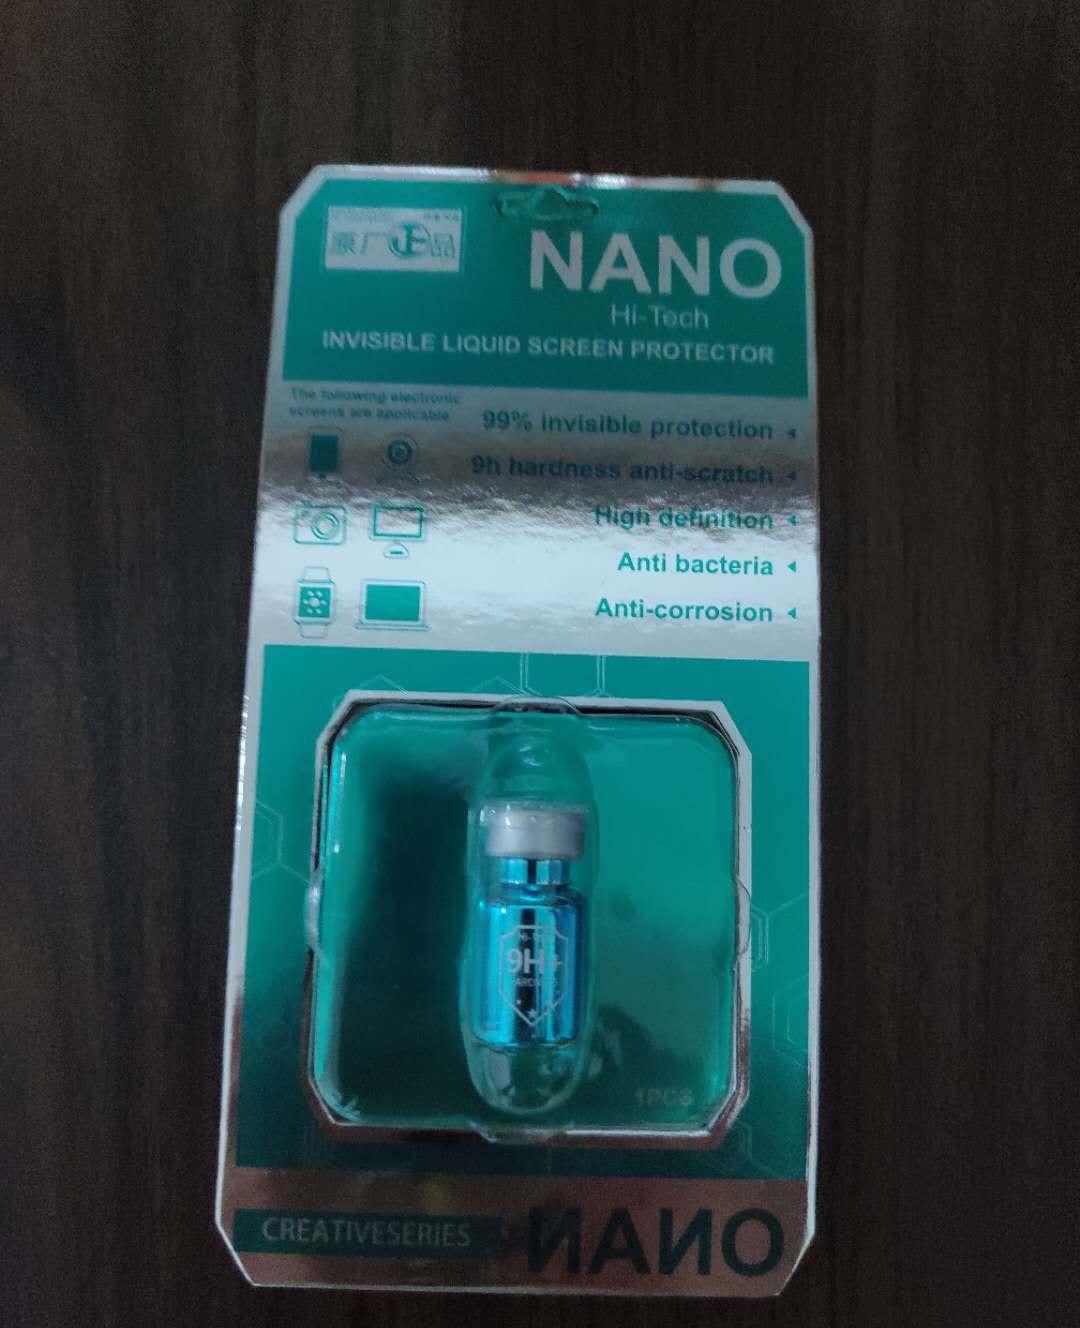 Chất lỏng Nano bảo vệ màng hình điện thoại